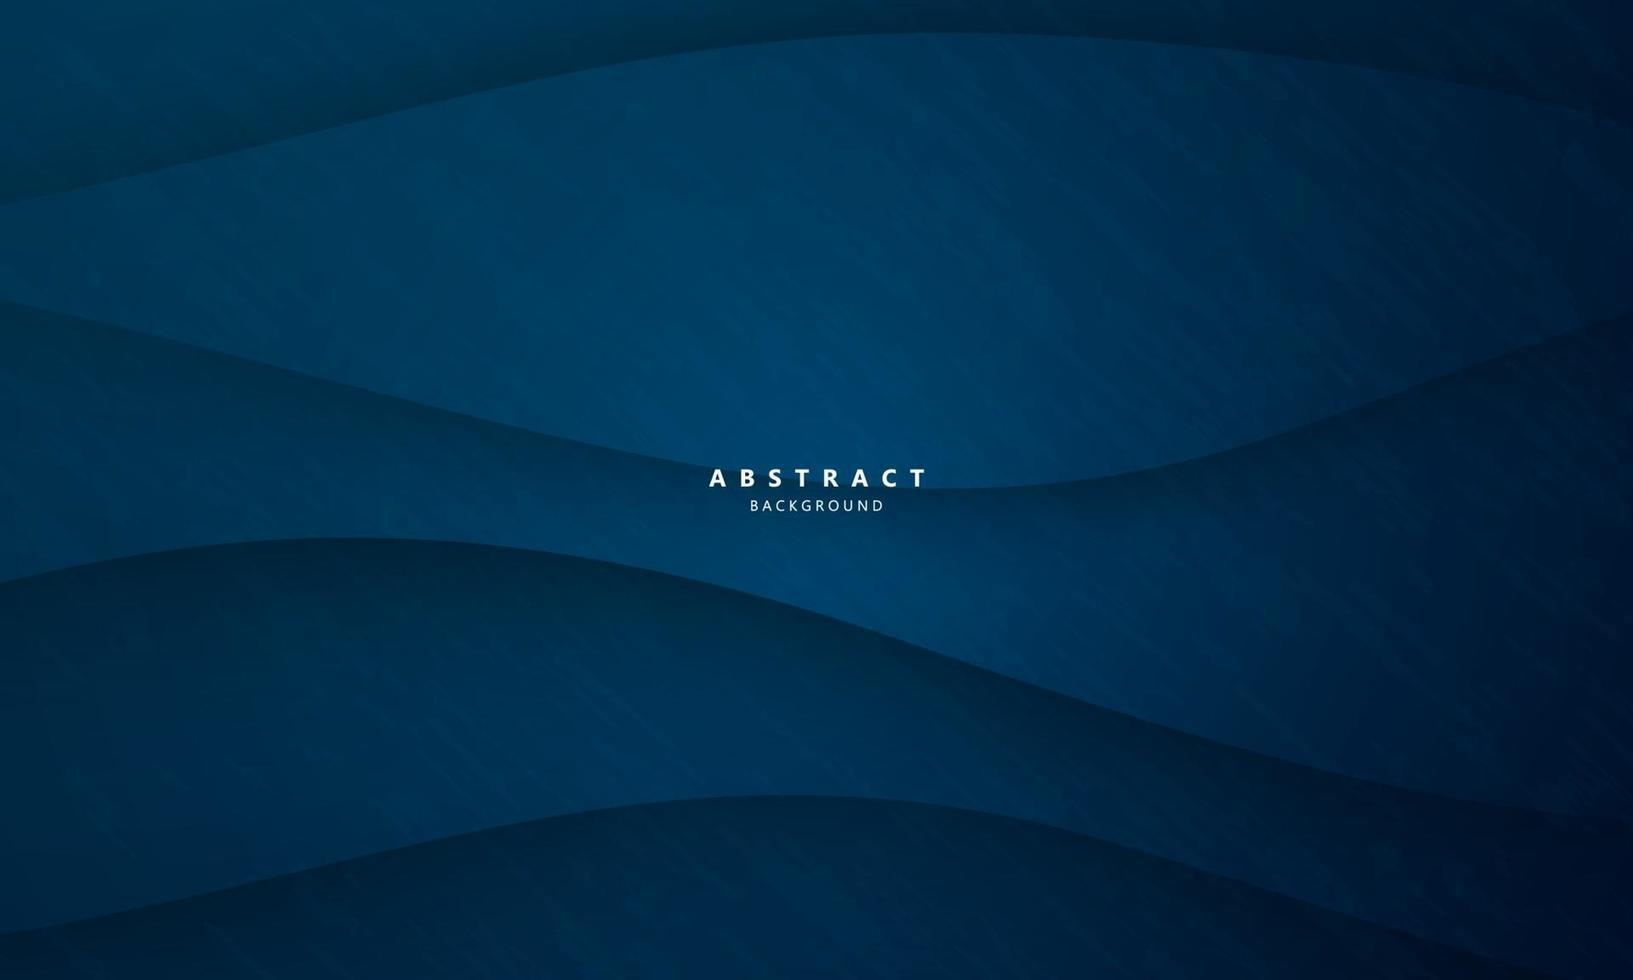 poster abstrato azul com dinâmica. ilustração em vetor tecnologia rede.